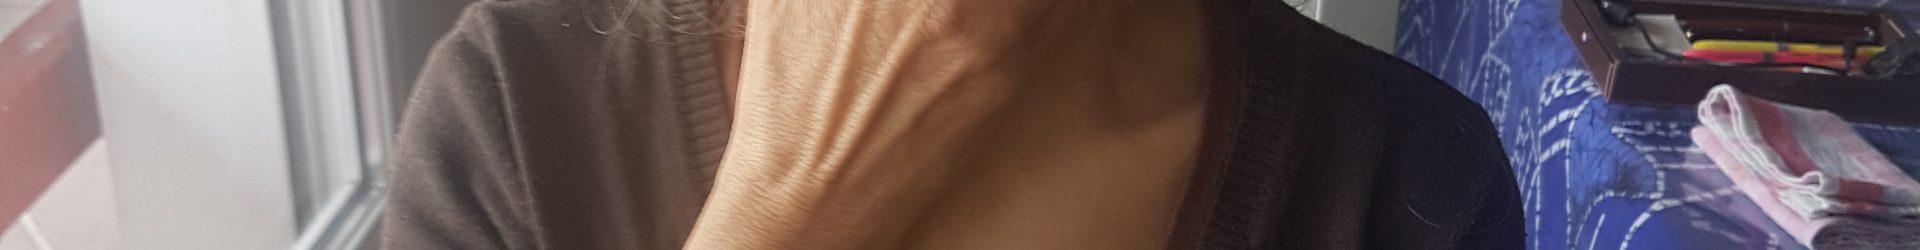 L'Auto-Massage : un toucher conscient